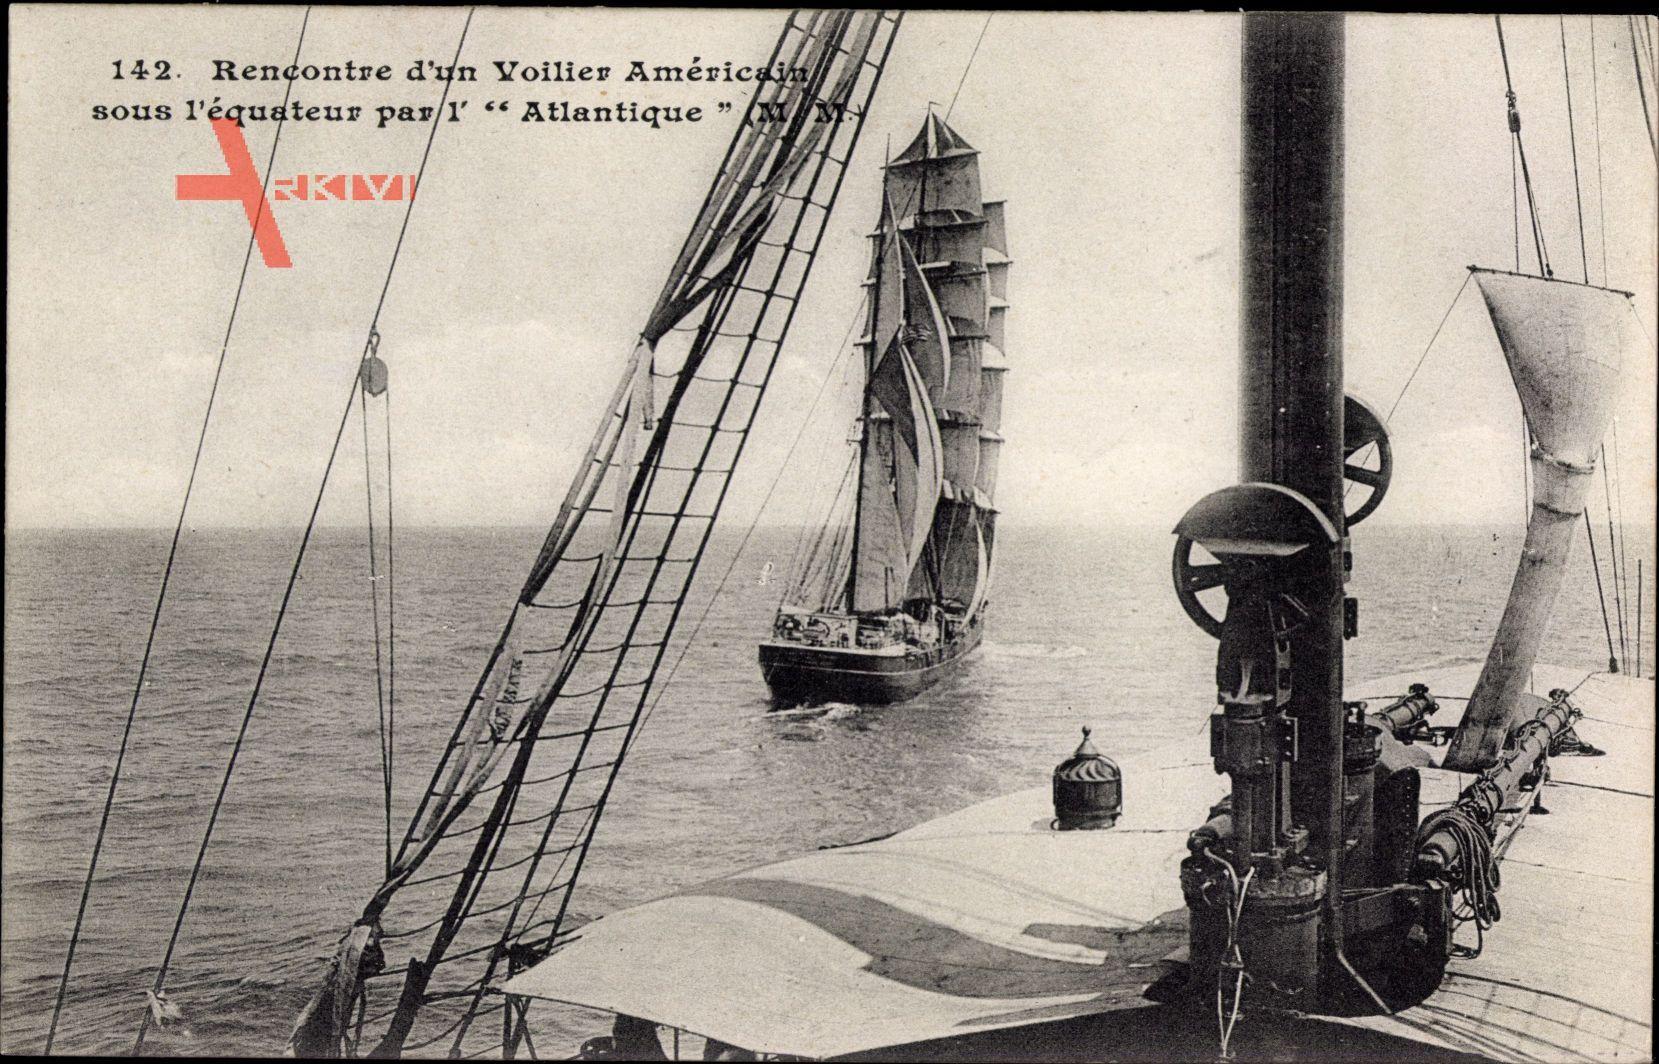 Rencontre dun Voilier Americain sous lequateur par lAtlantique,Segelschiff